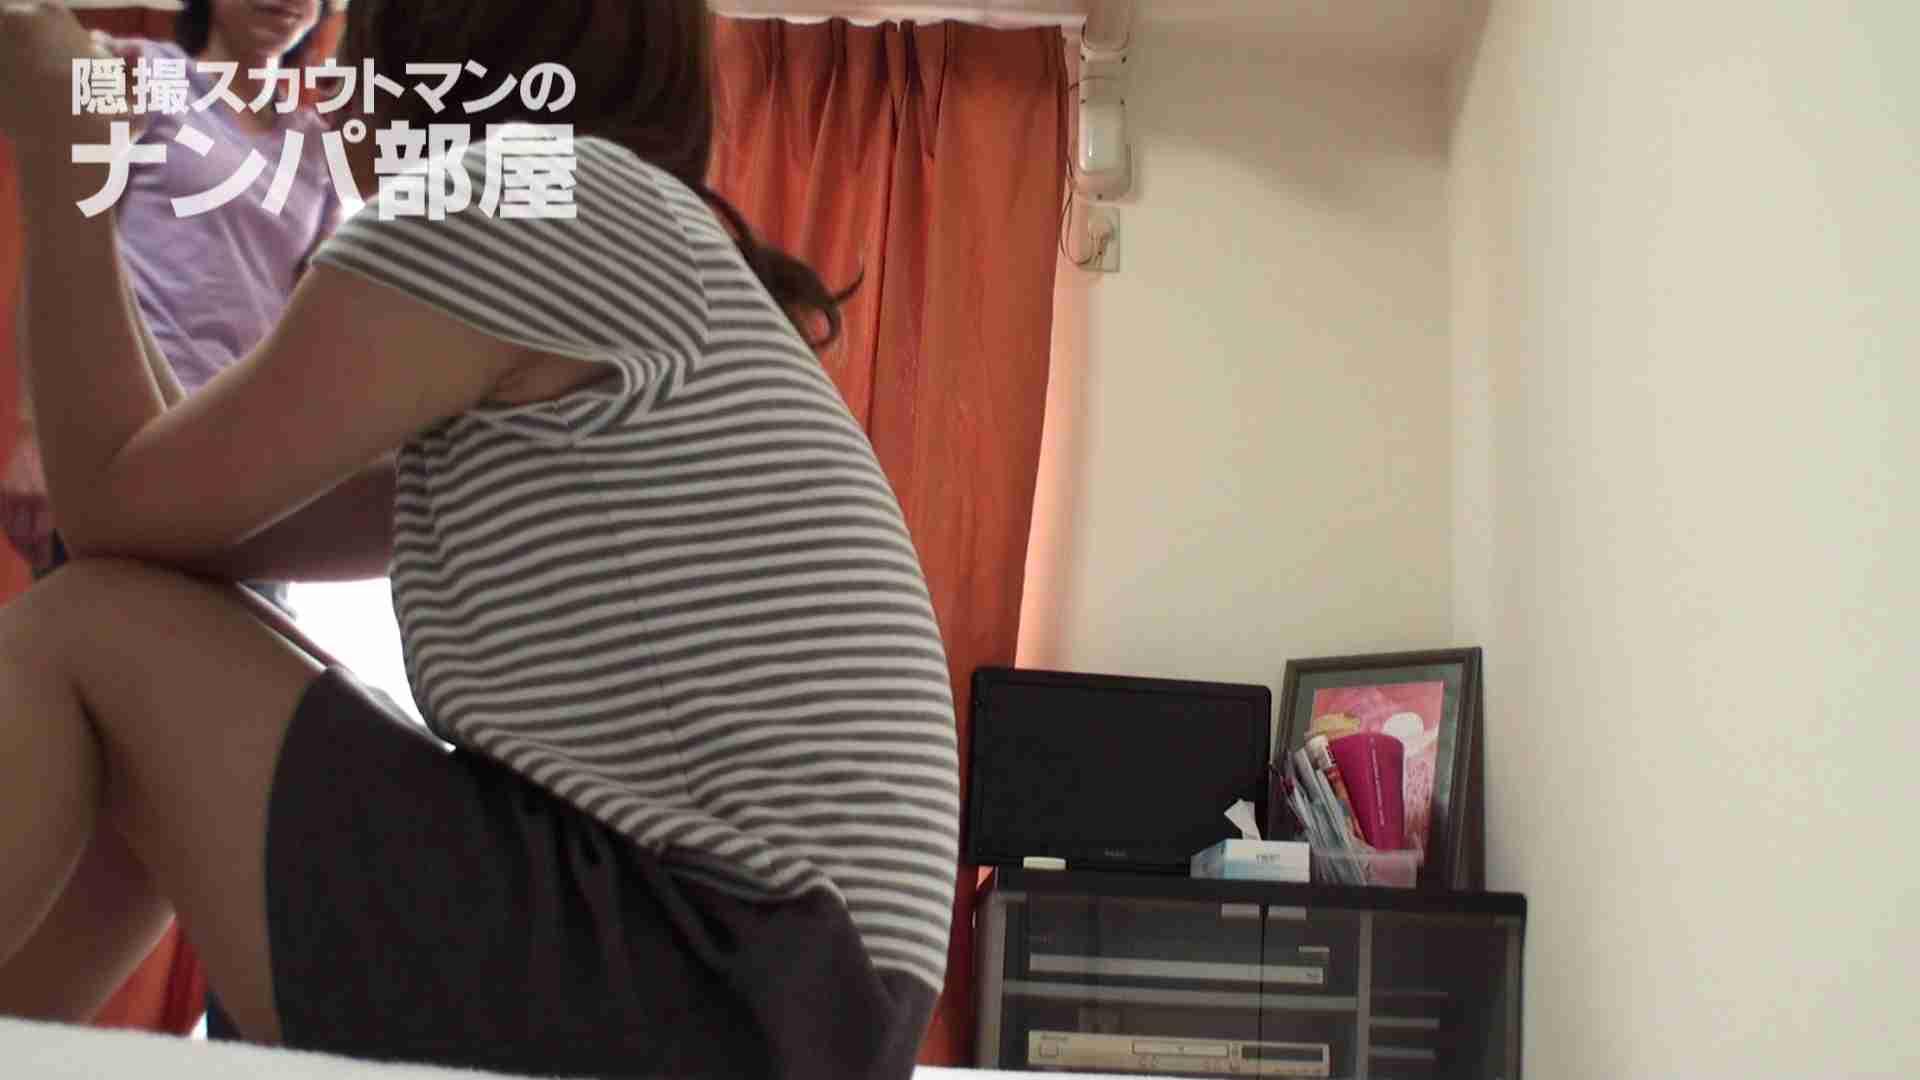 隠撮スカウトマンのナンパ部屋~風俗デビュー前のつまみ食い~ siivol.3 ナンパ おまんこ動画流出 76pic 11